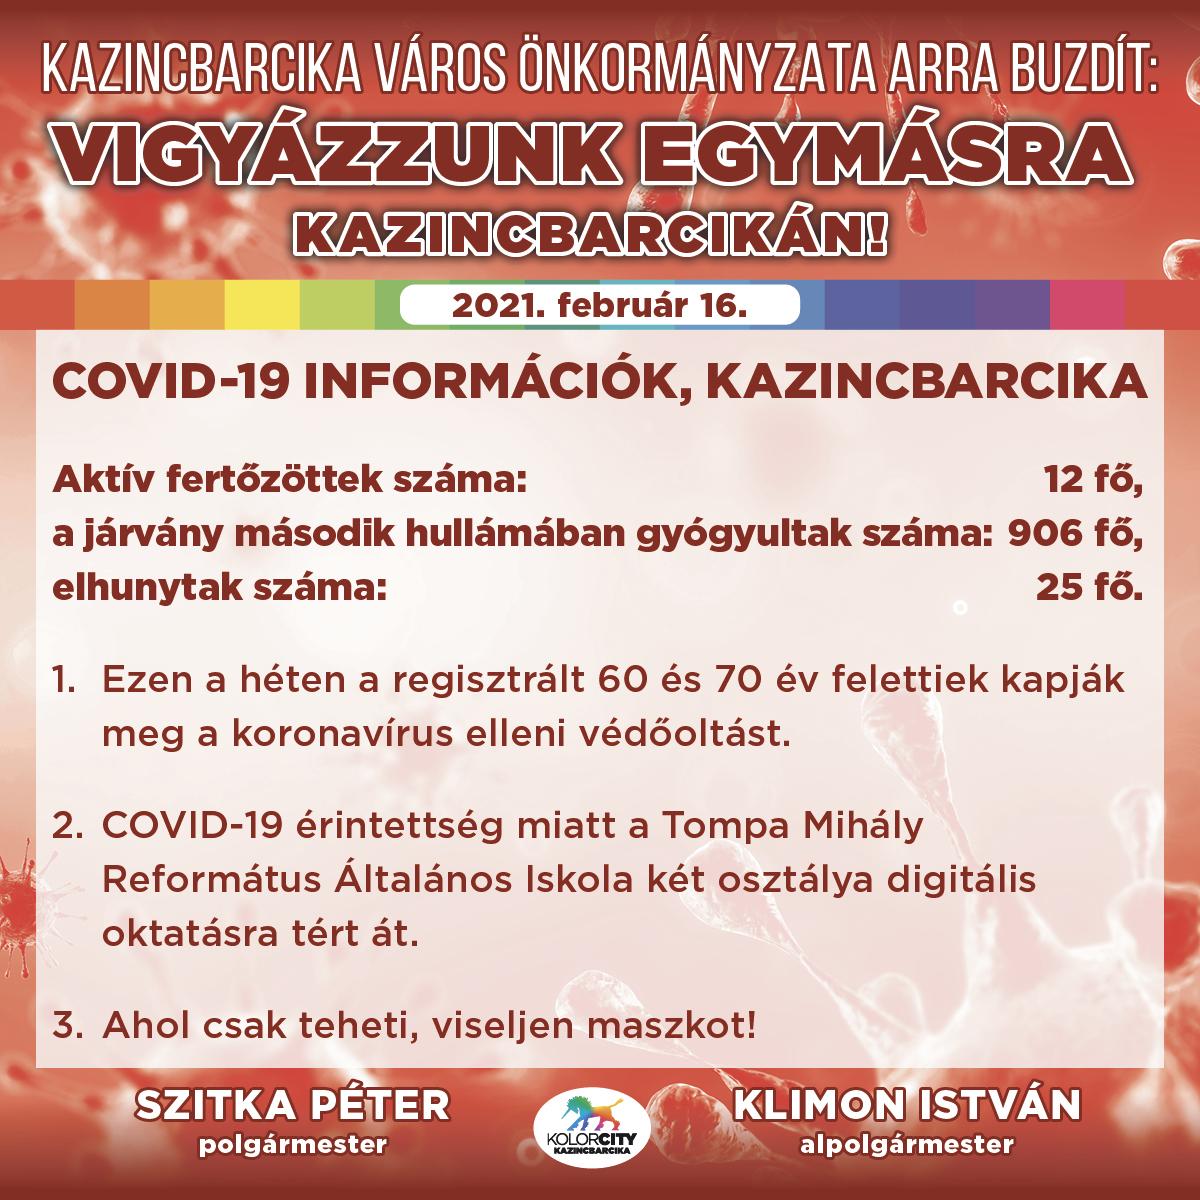 https://kolorline.hu/Vigyázzunk egymásra Kazincbarcikán! – 2021. február 16.